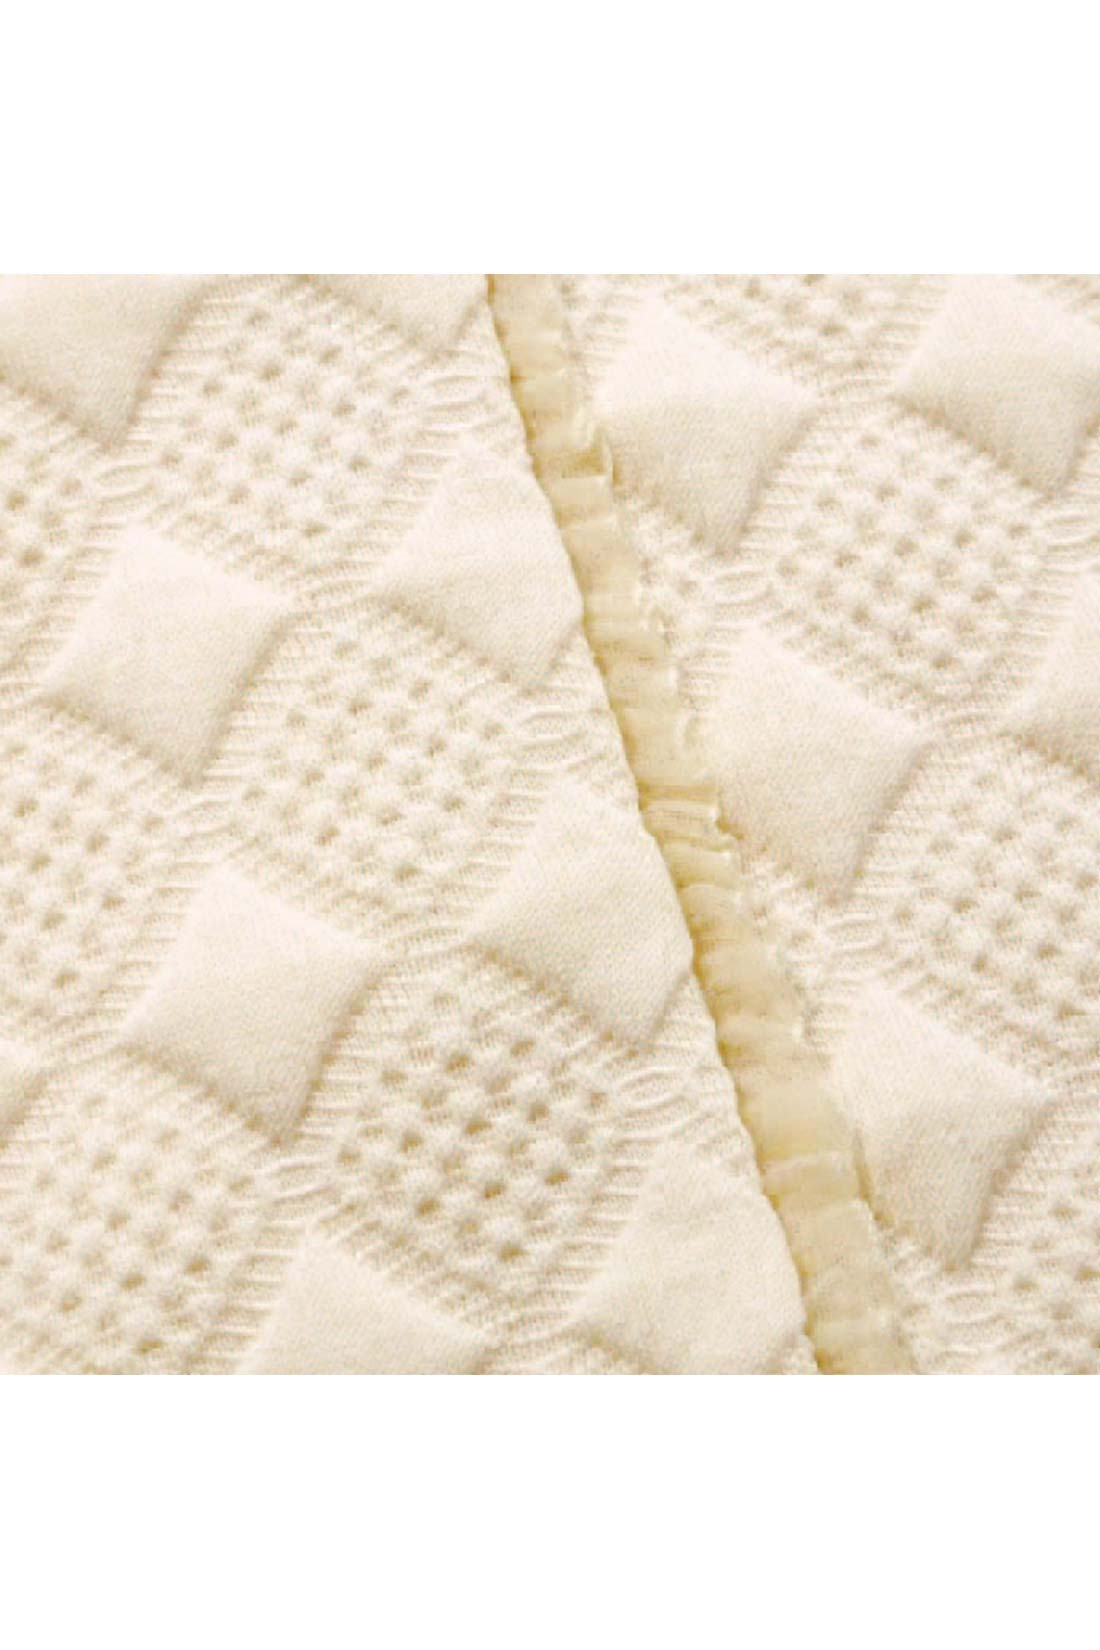 [ちっちゃなフリルがかわいい。]前面に縫い付けられた小さなフリルが、ちょっぴり甘さを添えてくれるよ。